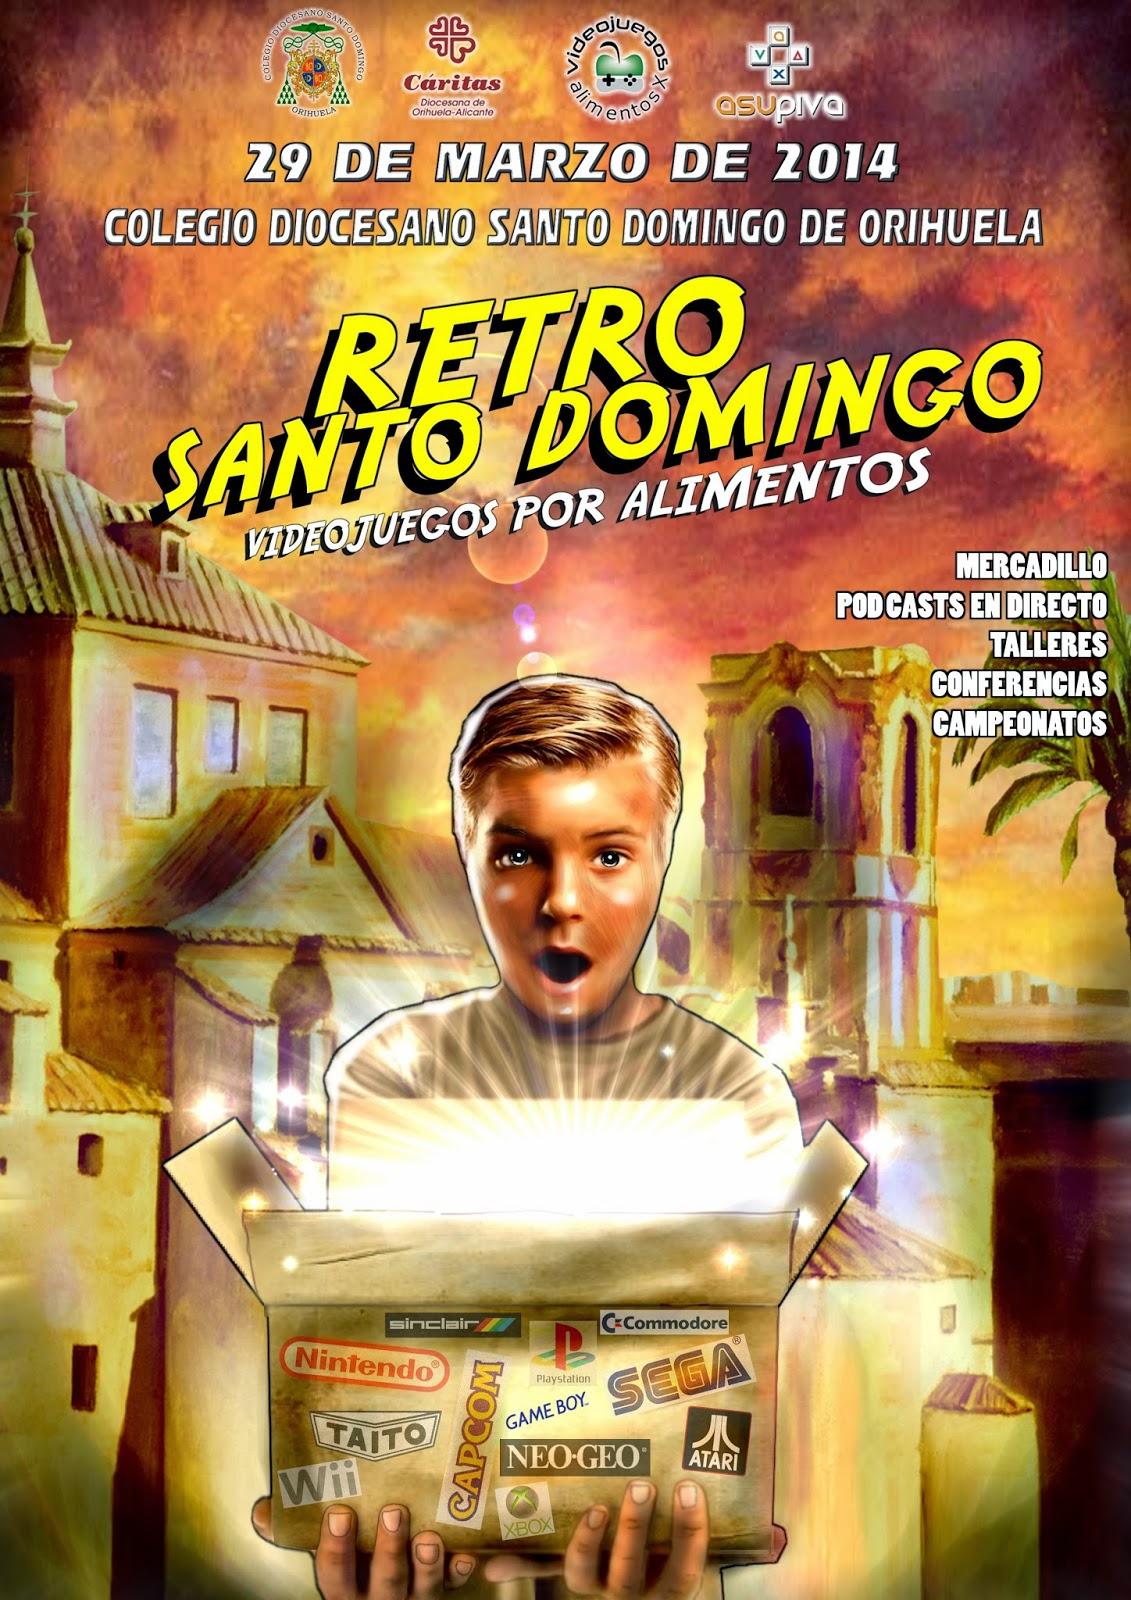 Retro Santo Domingo (Orihuela 29 Marzo 2014) Retro-sd